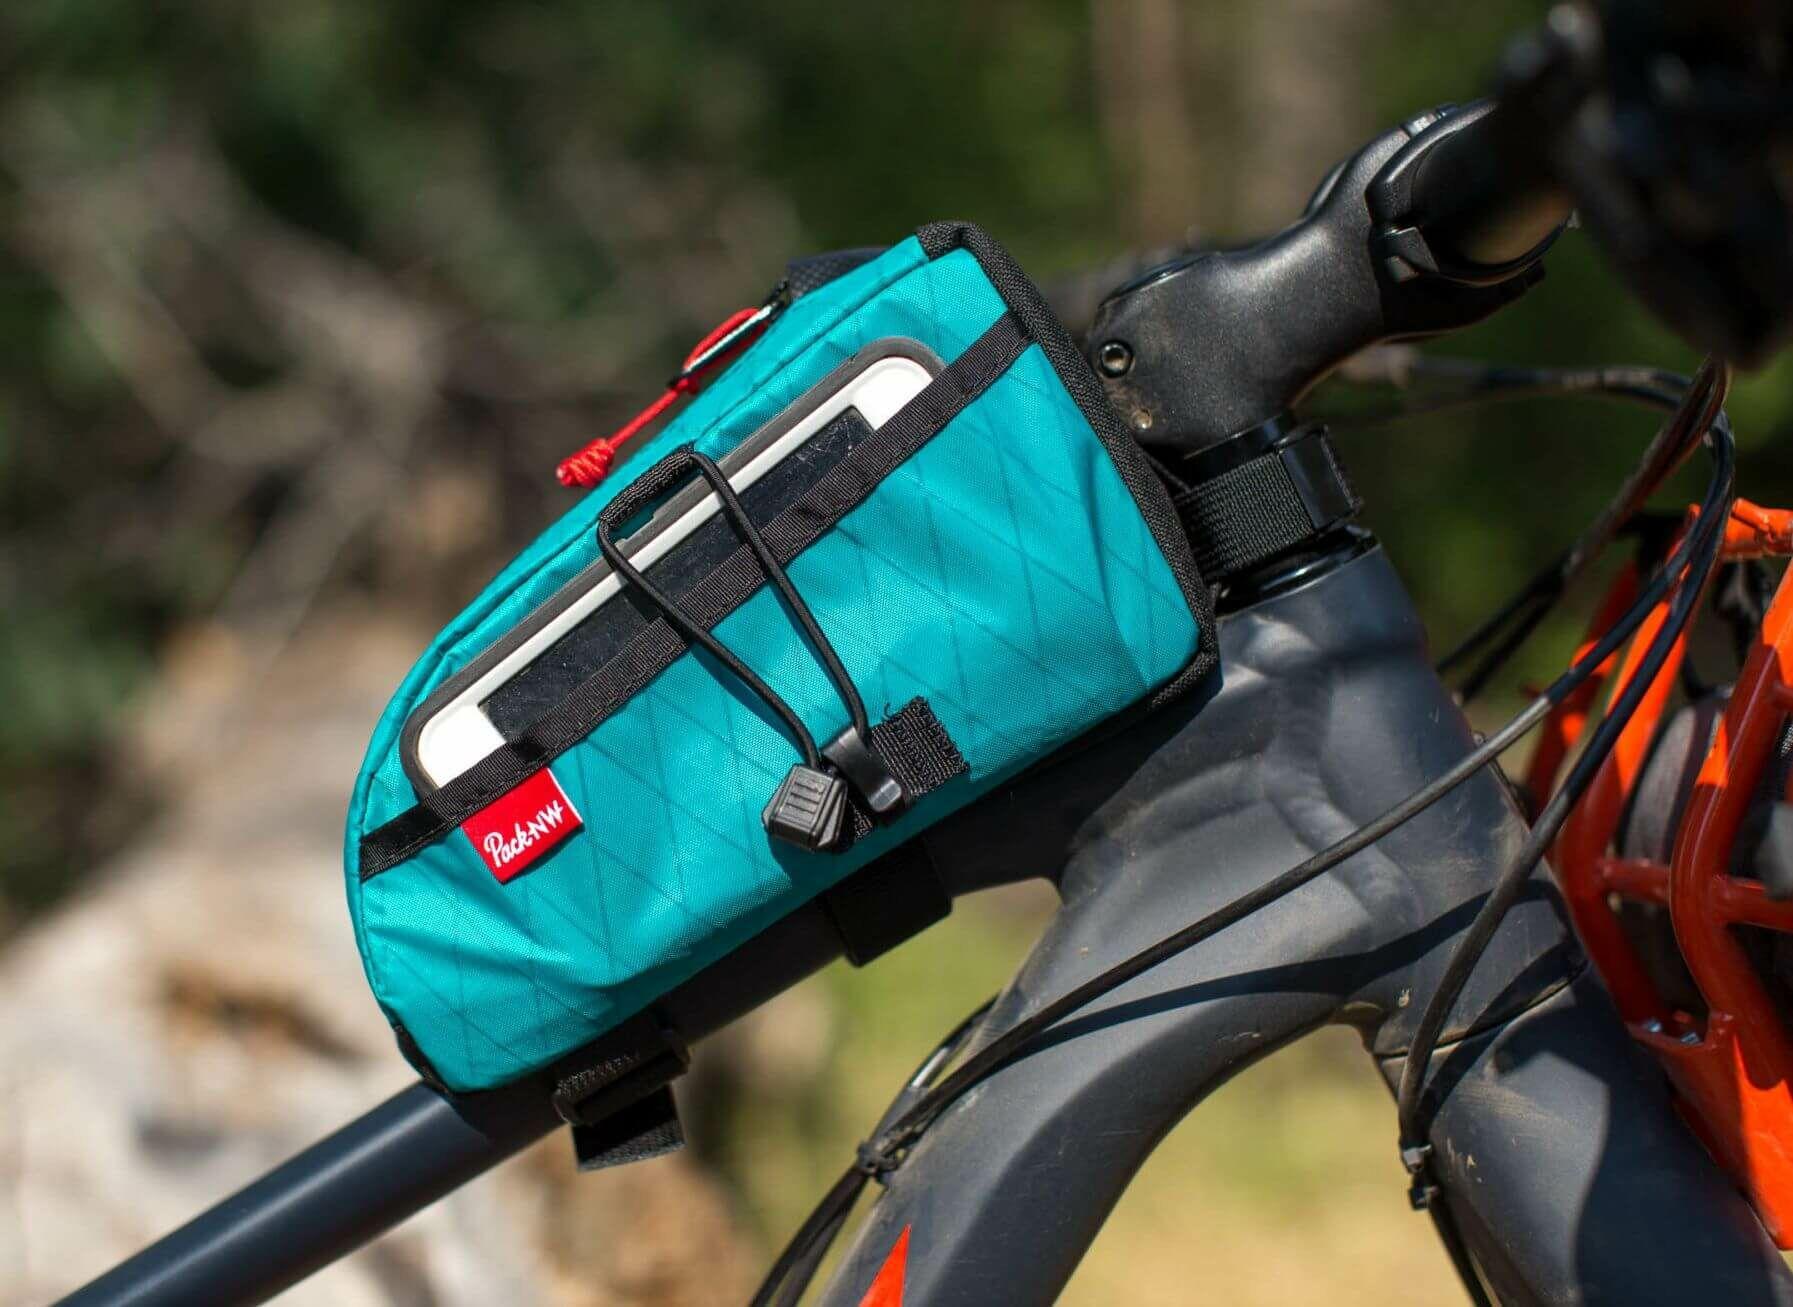 9_bikepacking túra közlekedés mibe pakold a cuccot a kerékpáron, melyik táska hova és mire való